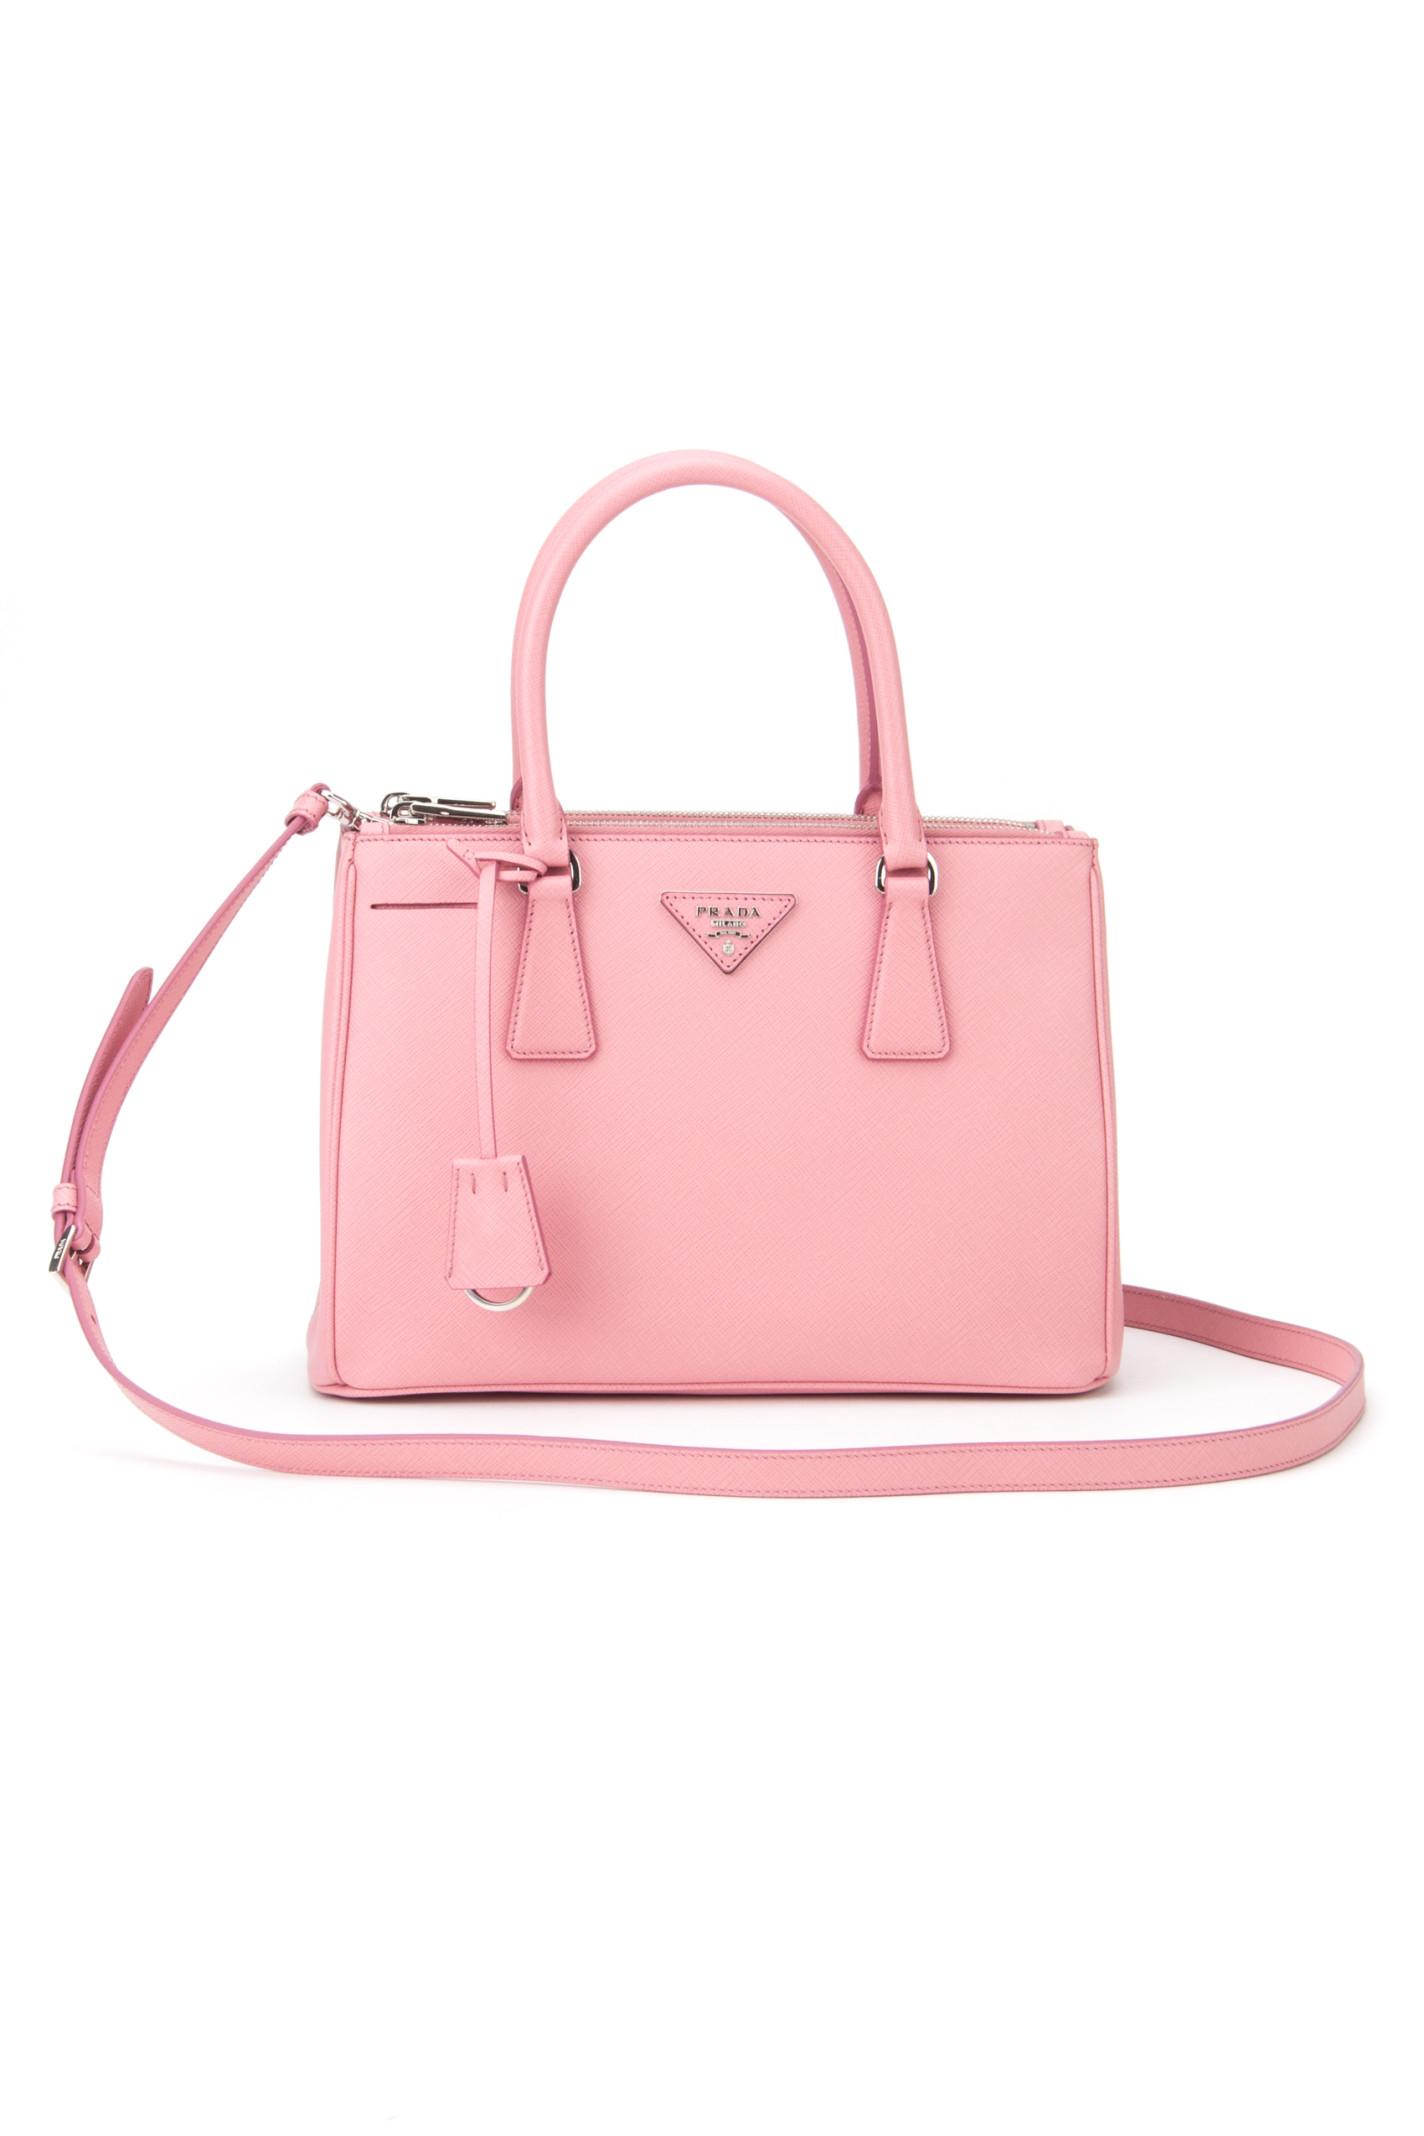 80c77c2e60b9 Prada Saffiano Lux Bag in Pink (PETALO 1)